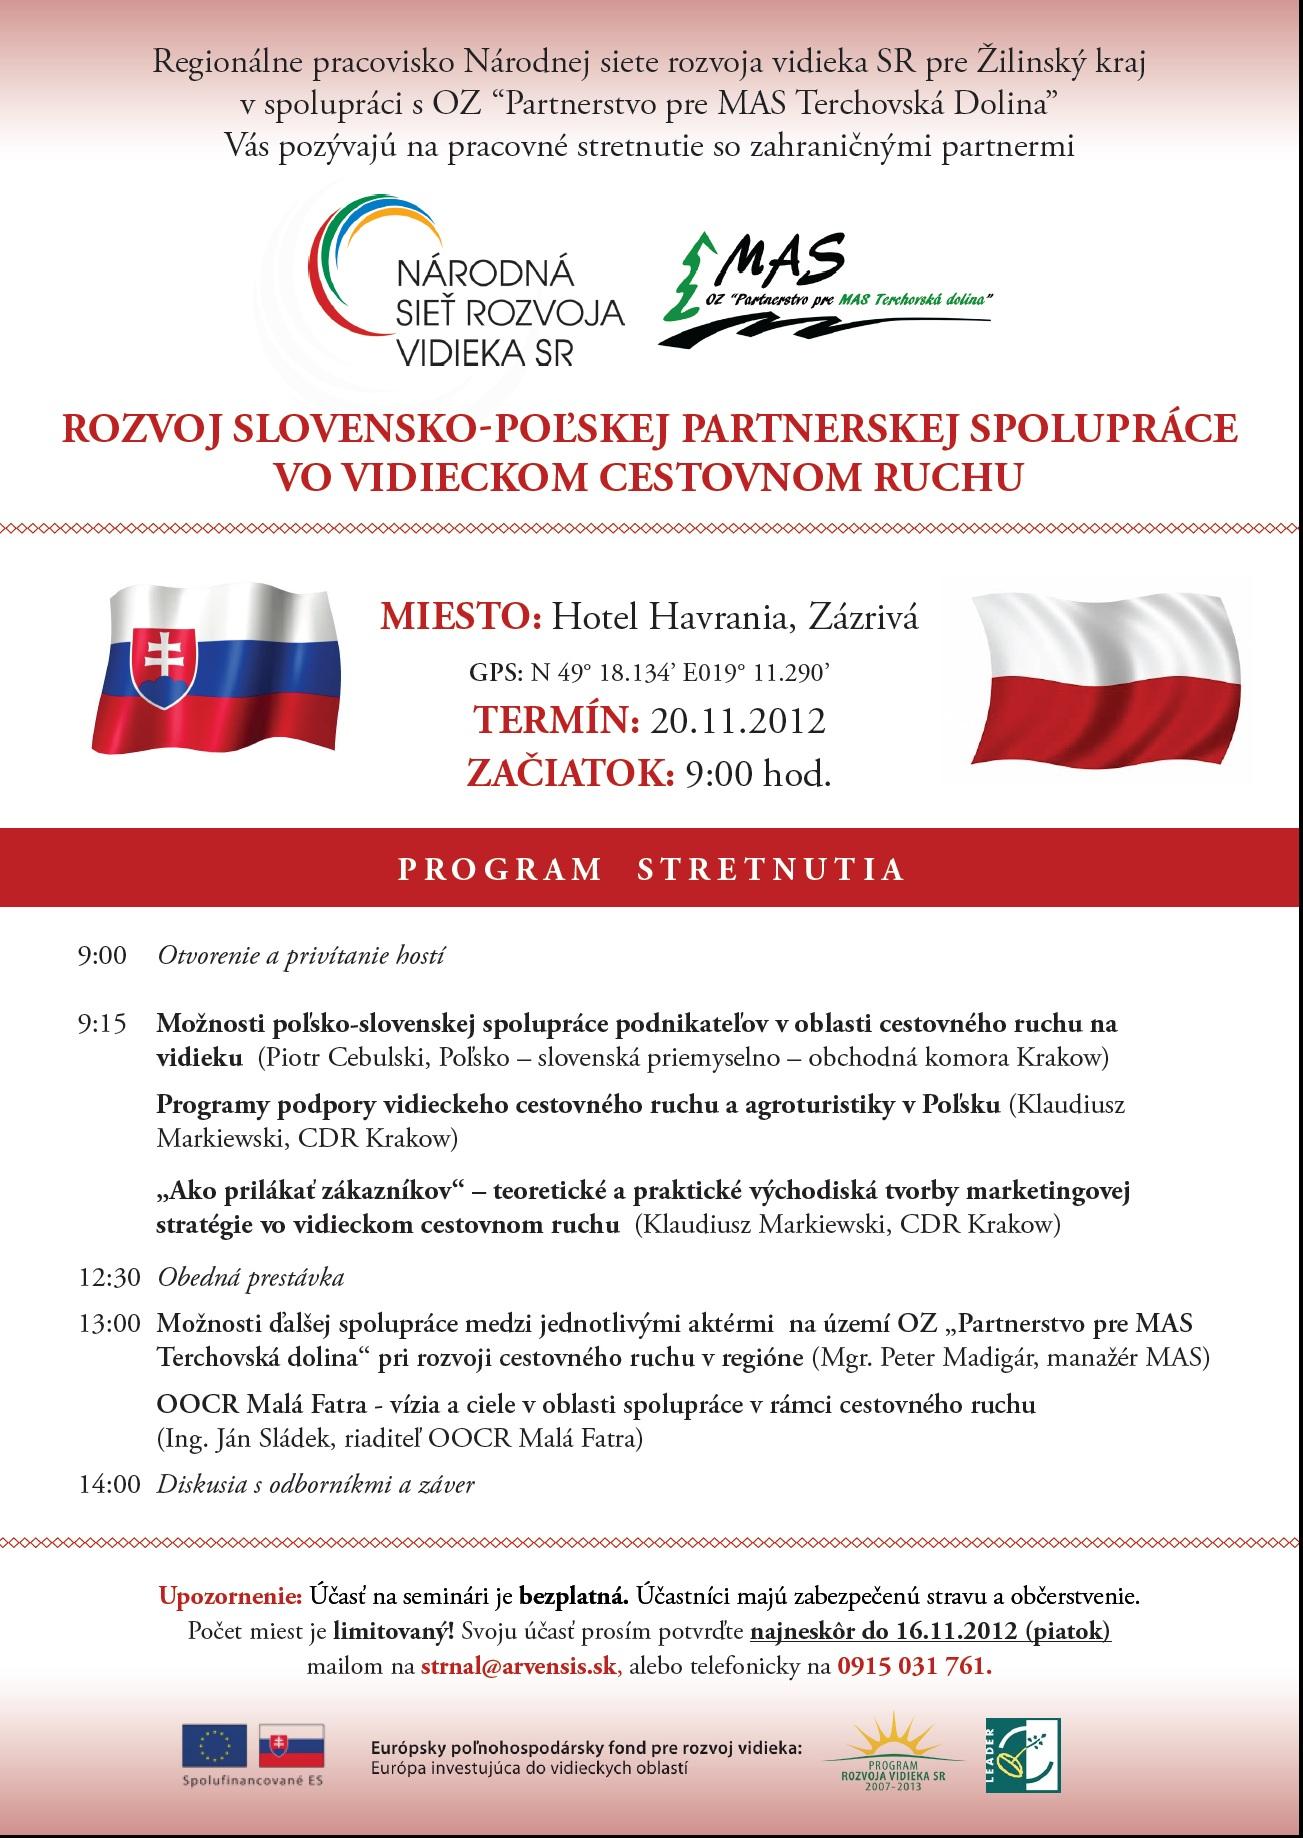 Pozvnka_Rozvoj_slovensko-poskej_partnerskej_spoluprce_vo_vidieckom_cestovnom_ruchu